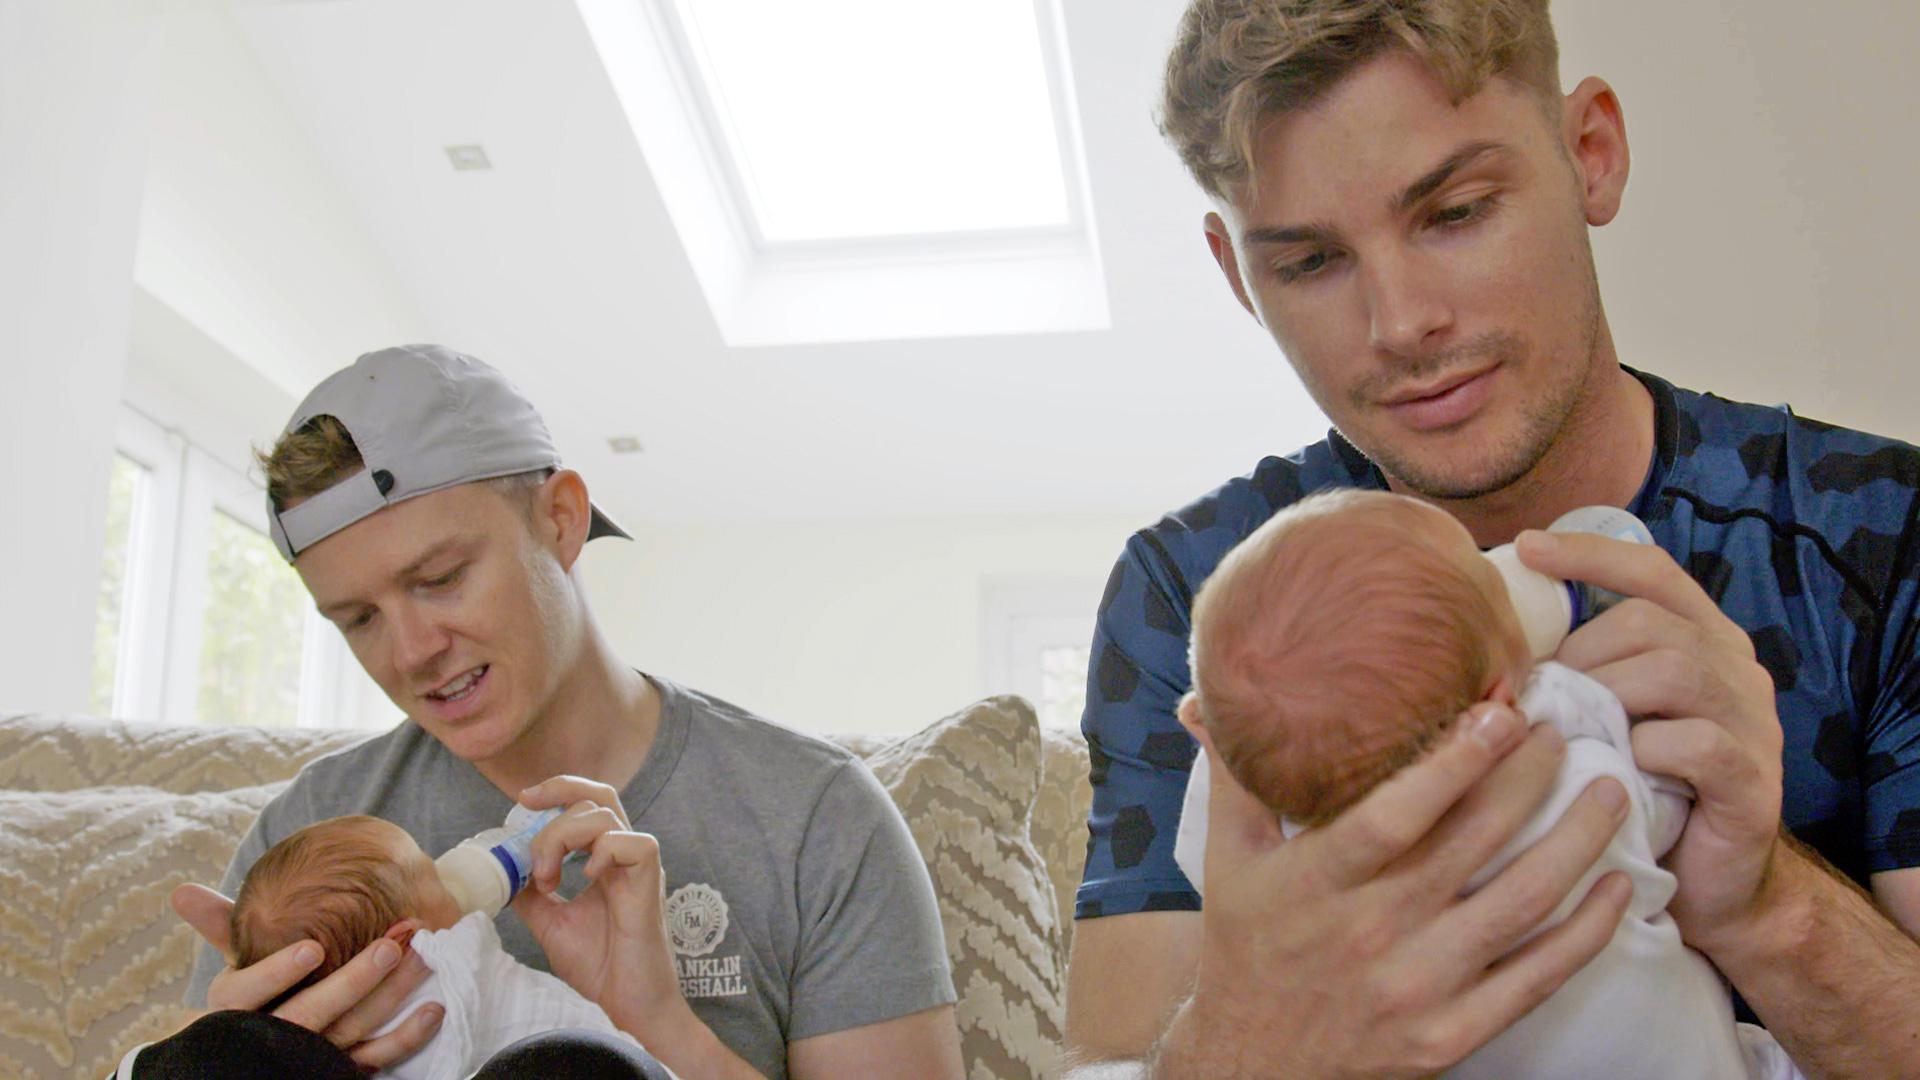 Son Yapılan Araştırmalardan Birine Göre Eşcinsel Erkekler Babalıkta Birinci